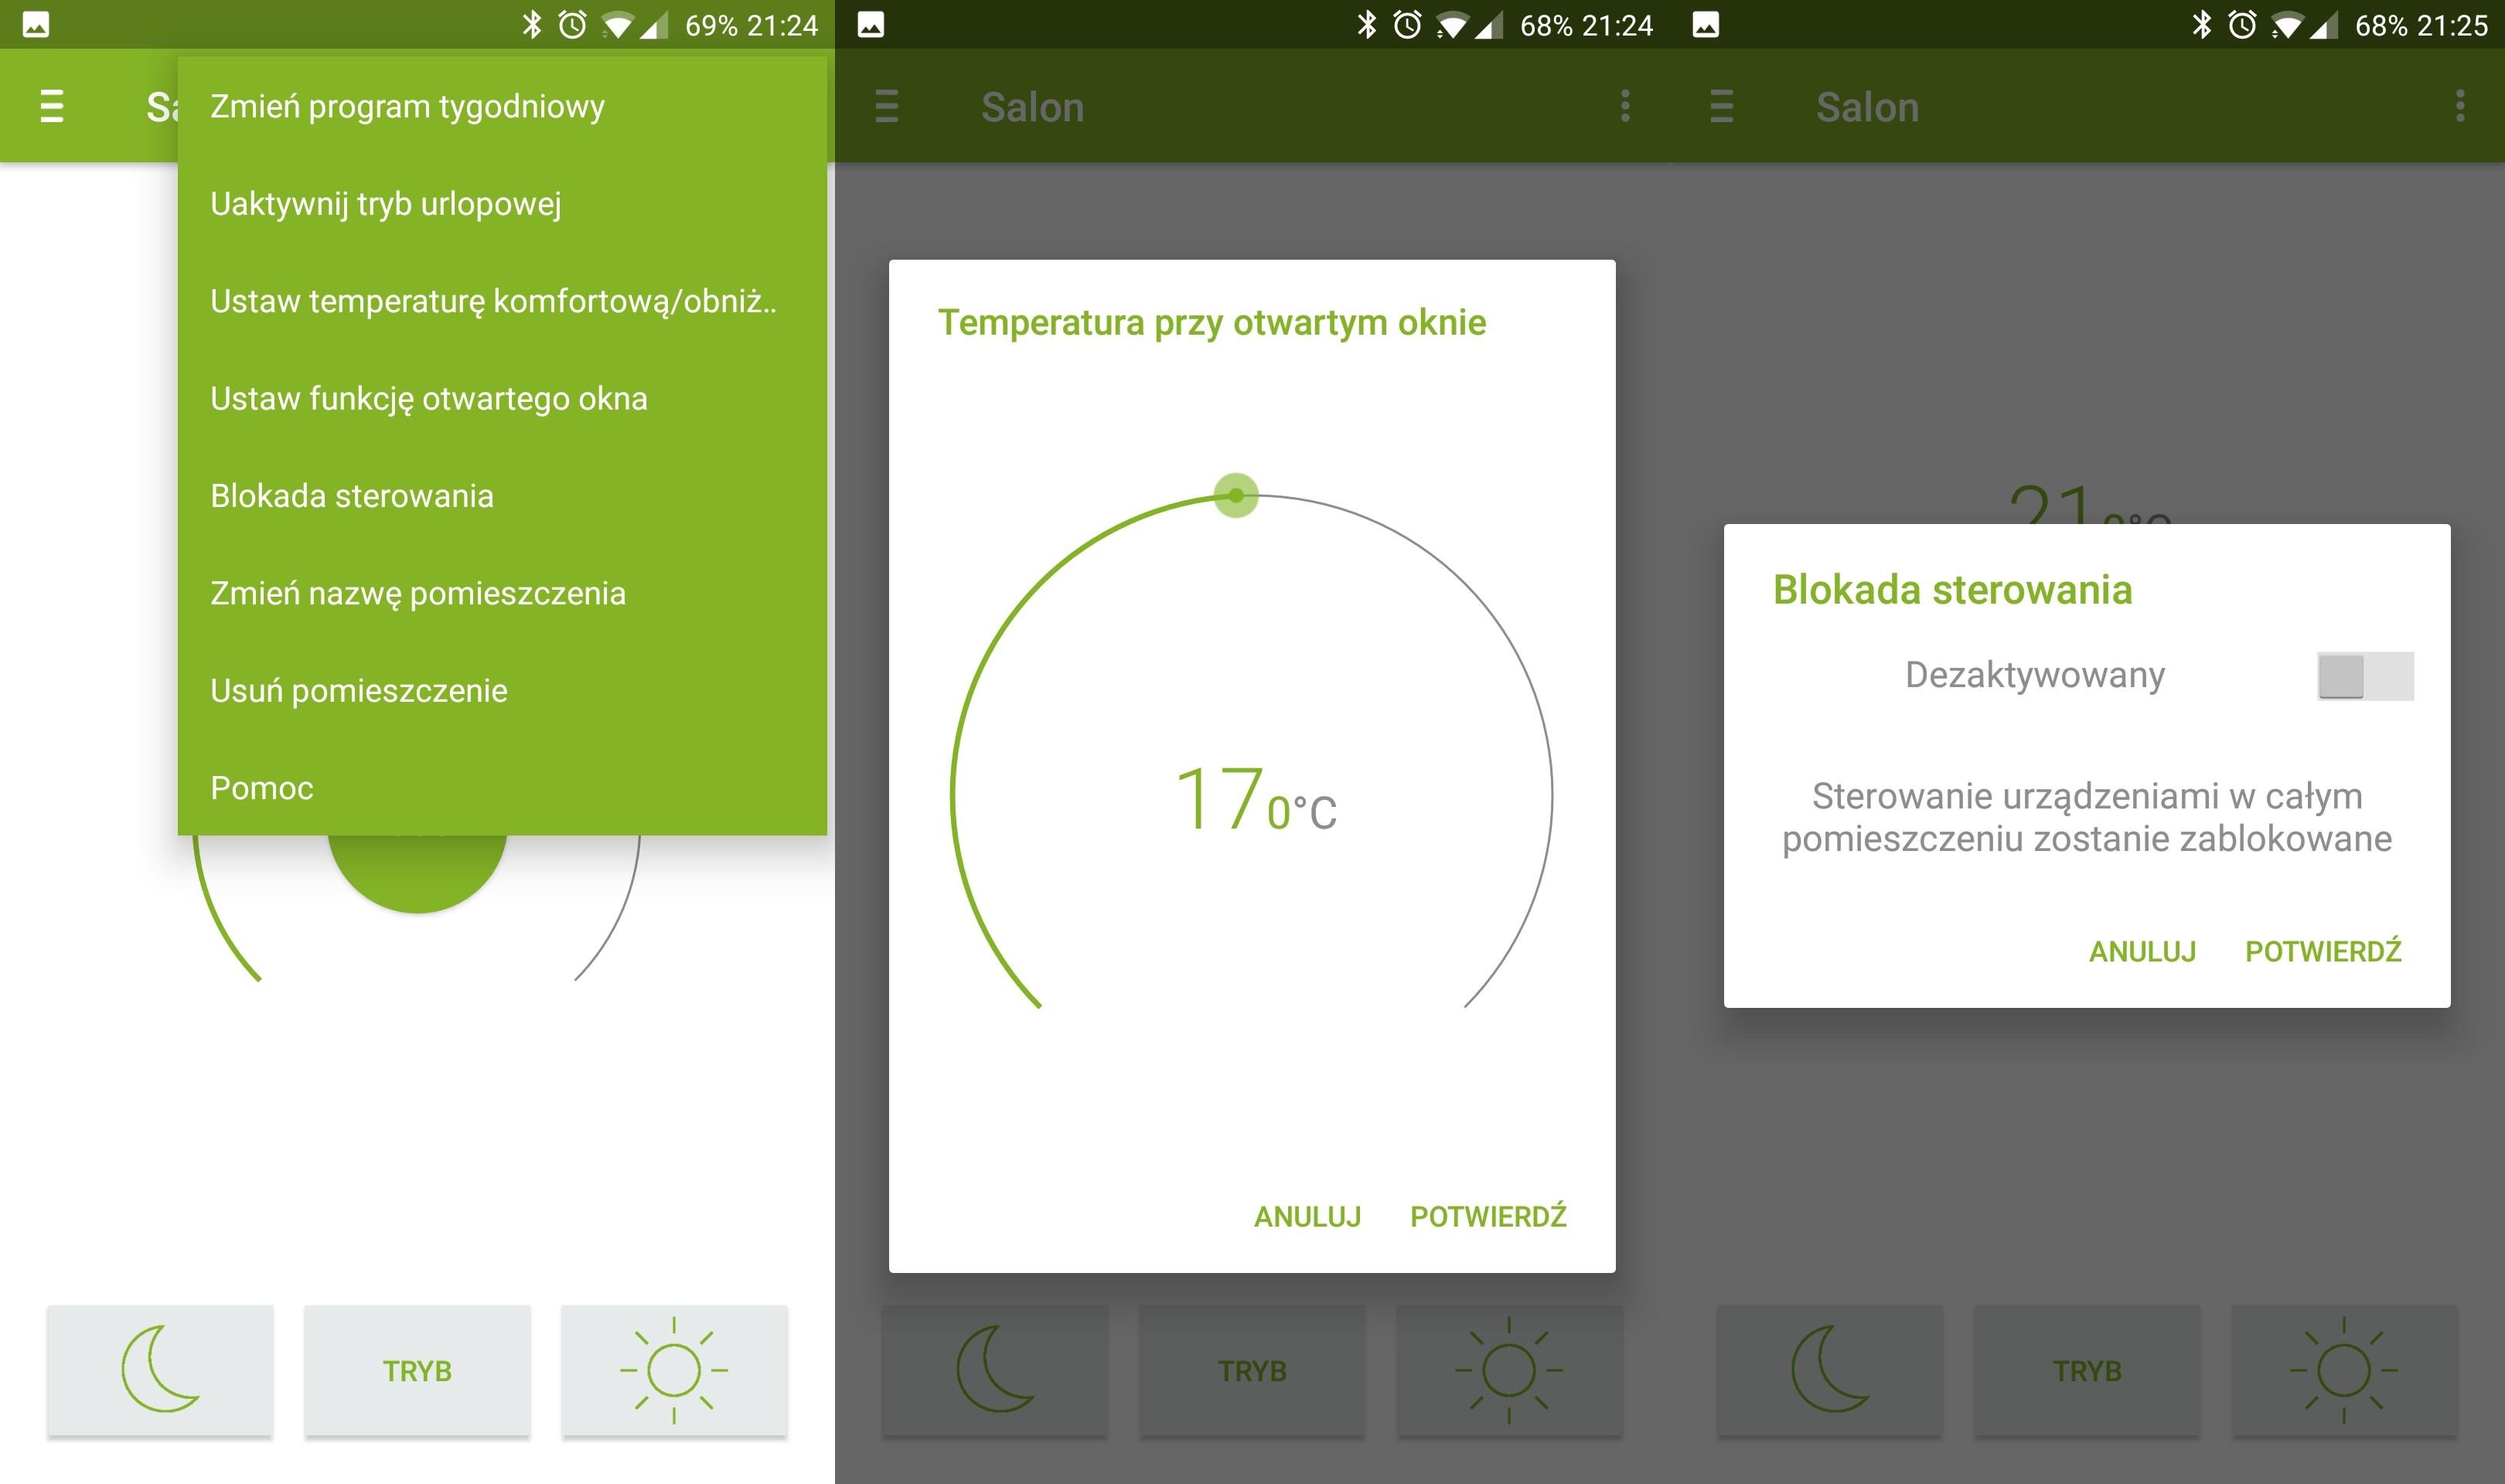 Termostat inteligentny Eqiva eQ-3 Bluetooth aplikacja calor BT dodatkowe opcje